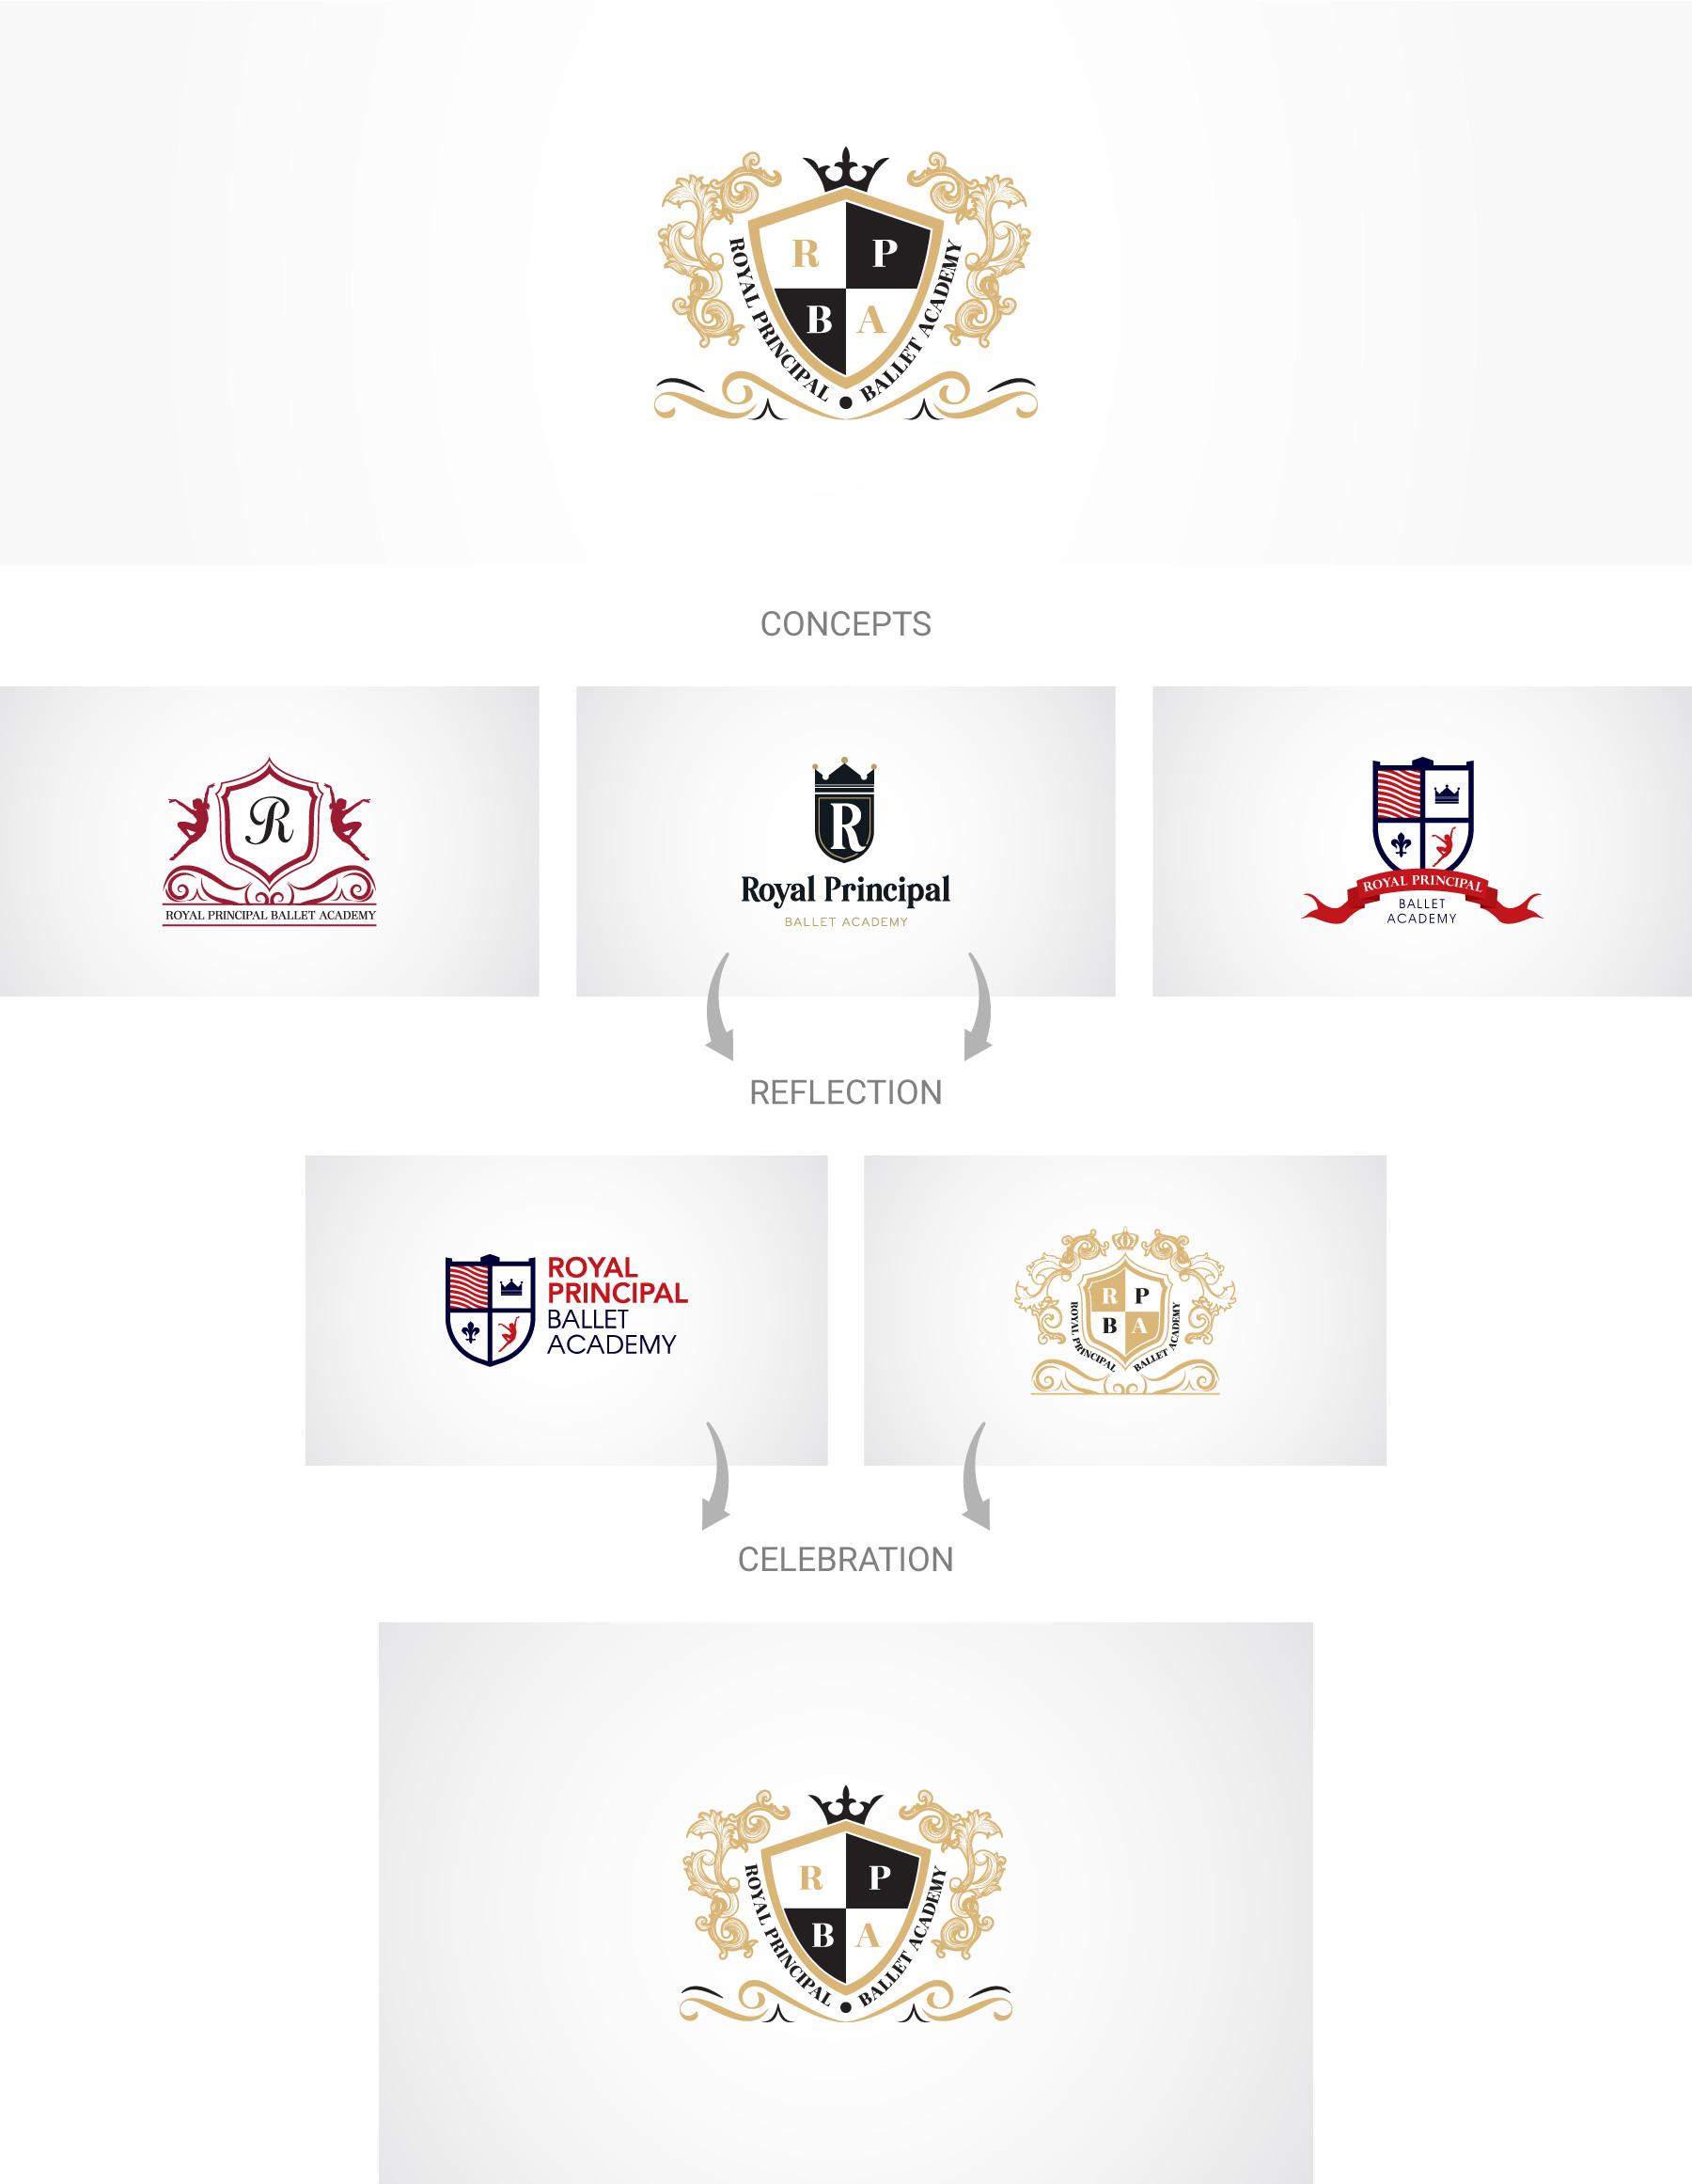 Royal-principal-ballet-academy-logo-design